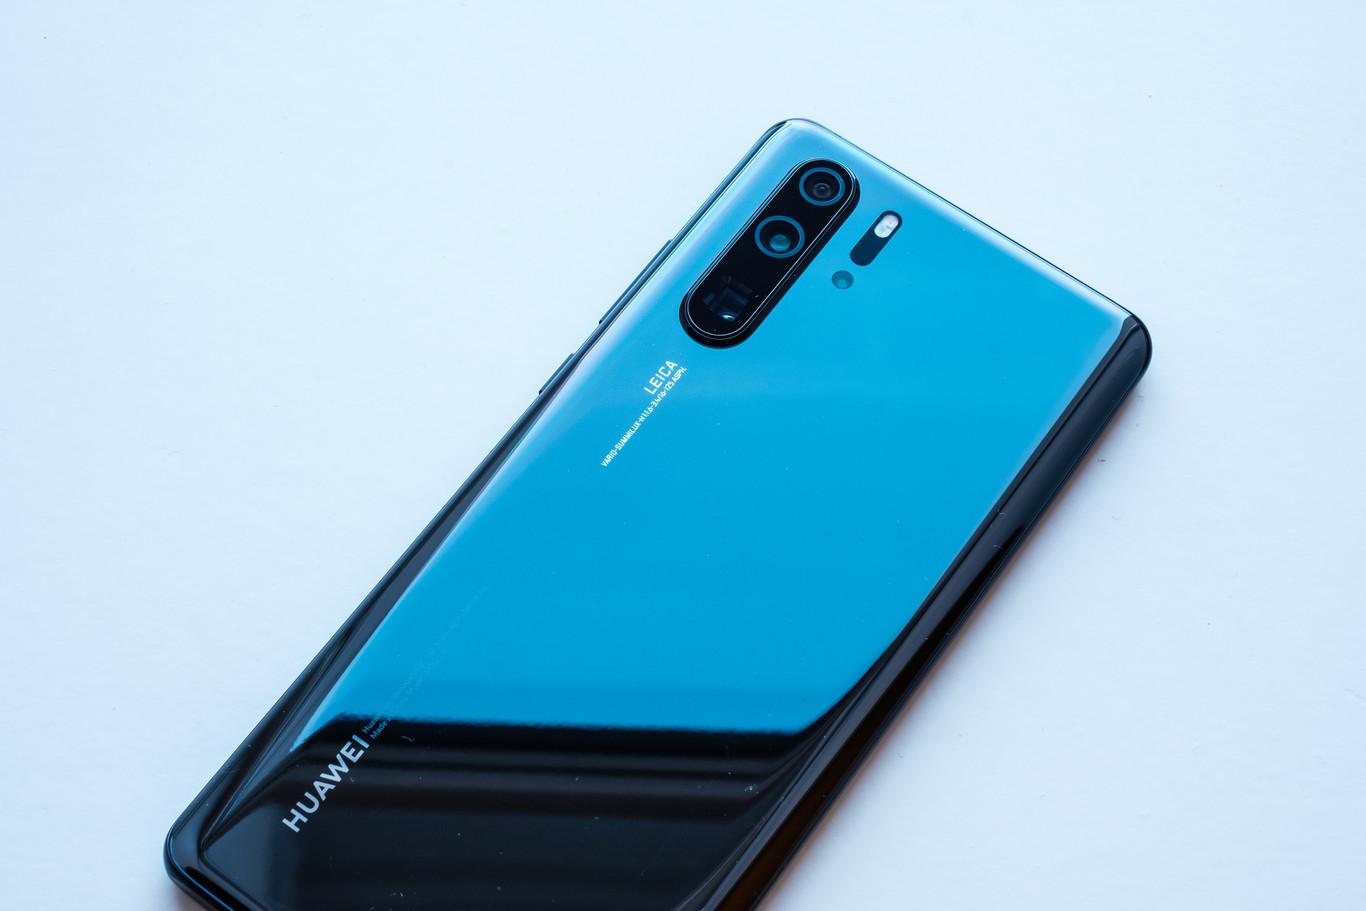 Las ventas de smartphones Huawei caen en un 40%: comienzan los daños colaterales del veto de Estados Unidos